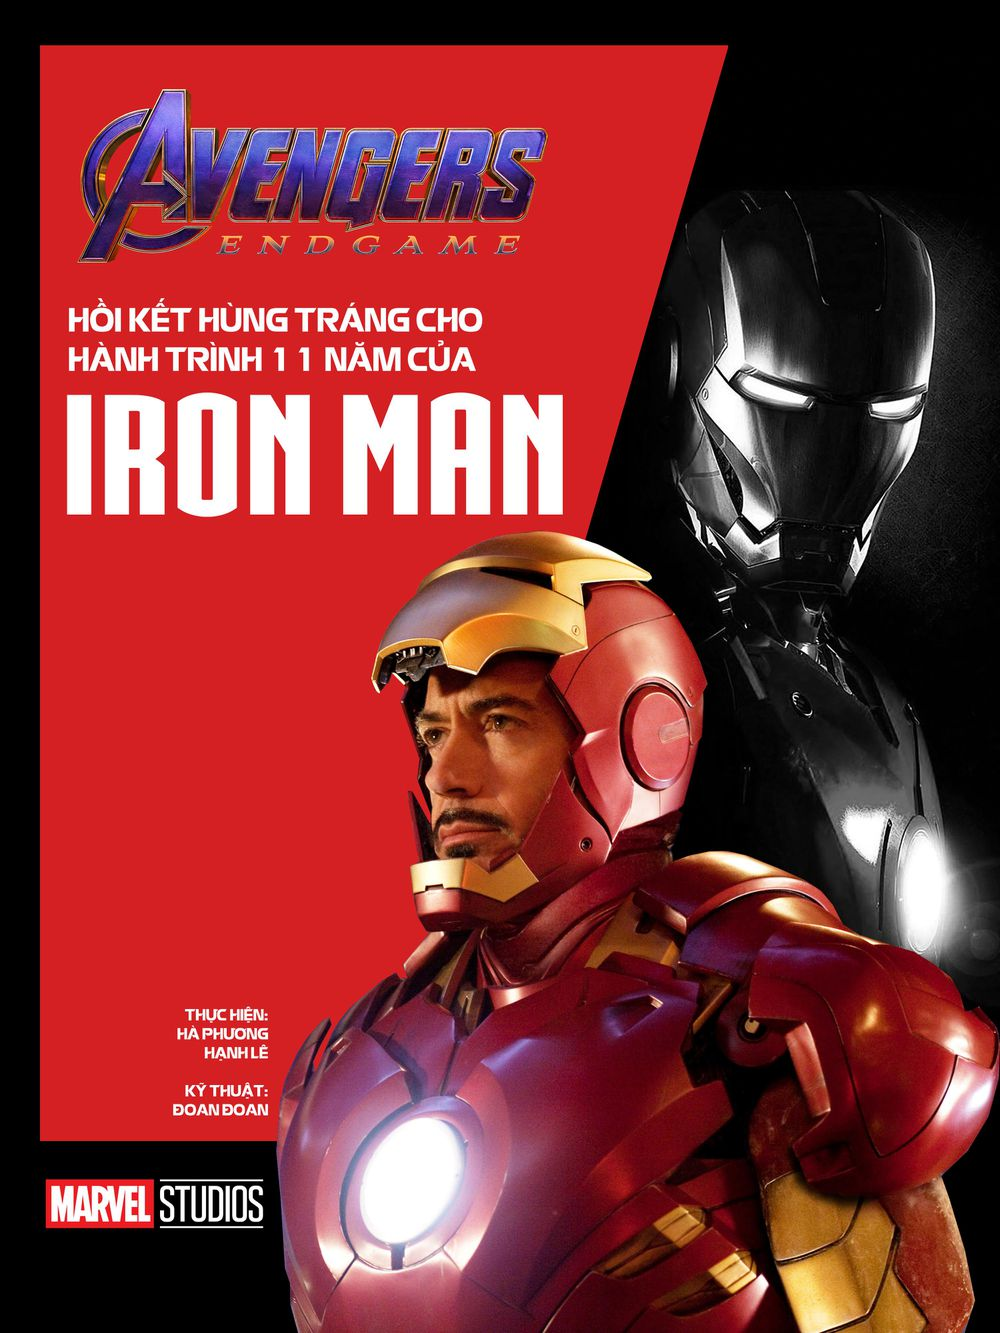 ... là quãng thời gian đủ dài để rất nhiều khán giả trưởng thành cùng các siêu anh hùng của vũ trụ điện ảnh Marvel. 3 tiếng 58 giây của \u201cAvengers: Endgame\u201d ...